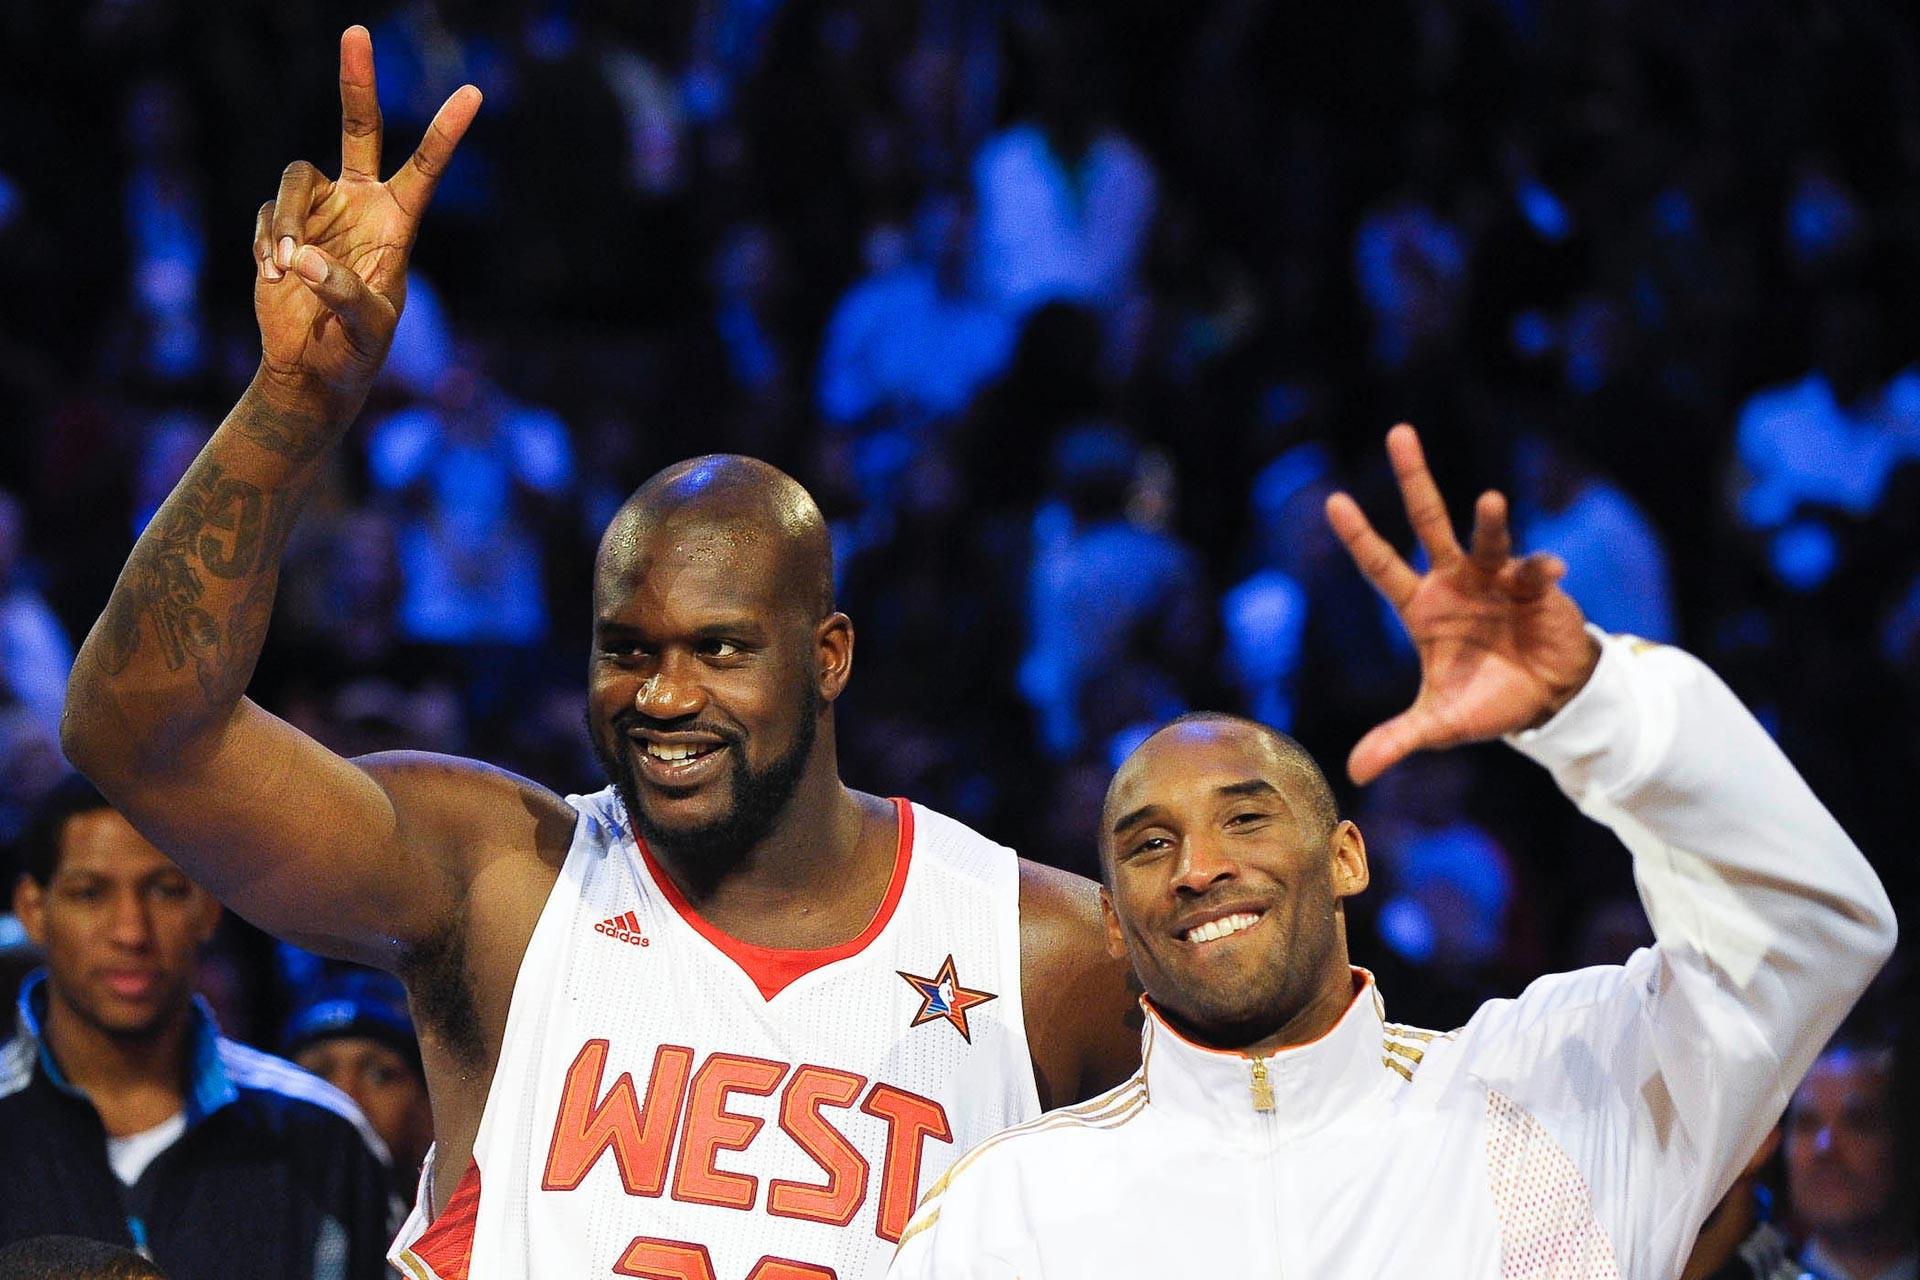 Kobe Bryant ve Shaquille O'neal All Star maçının ardından zafer işareti yaparken